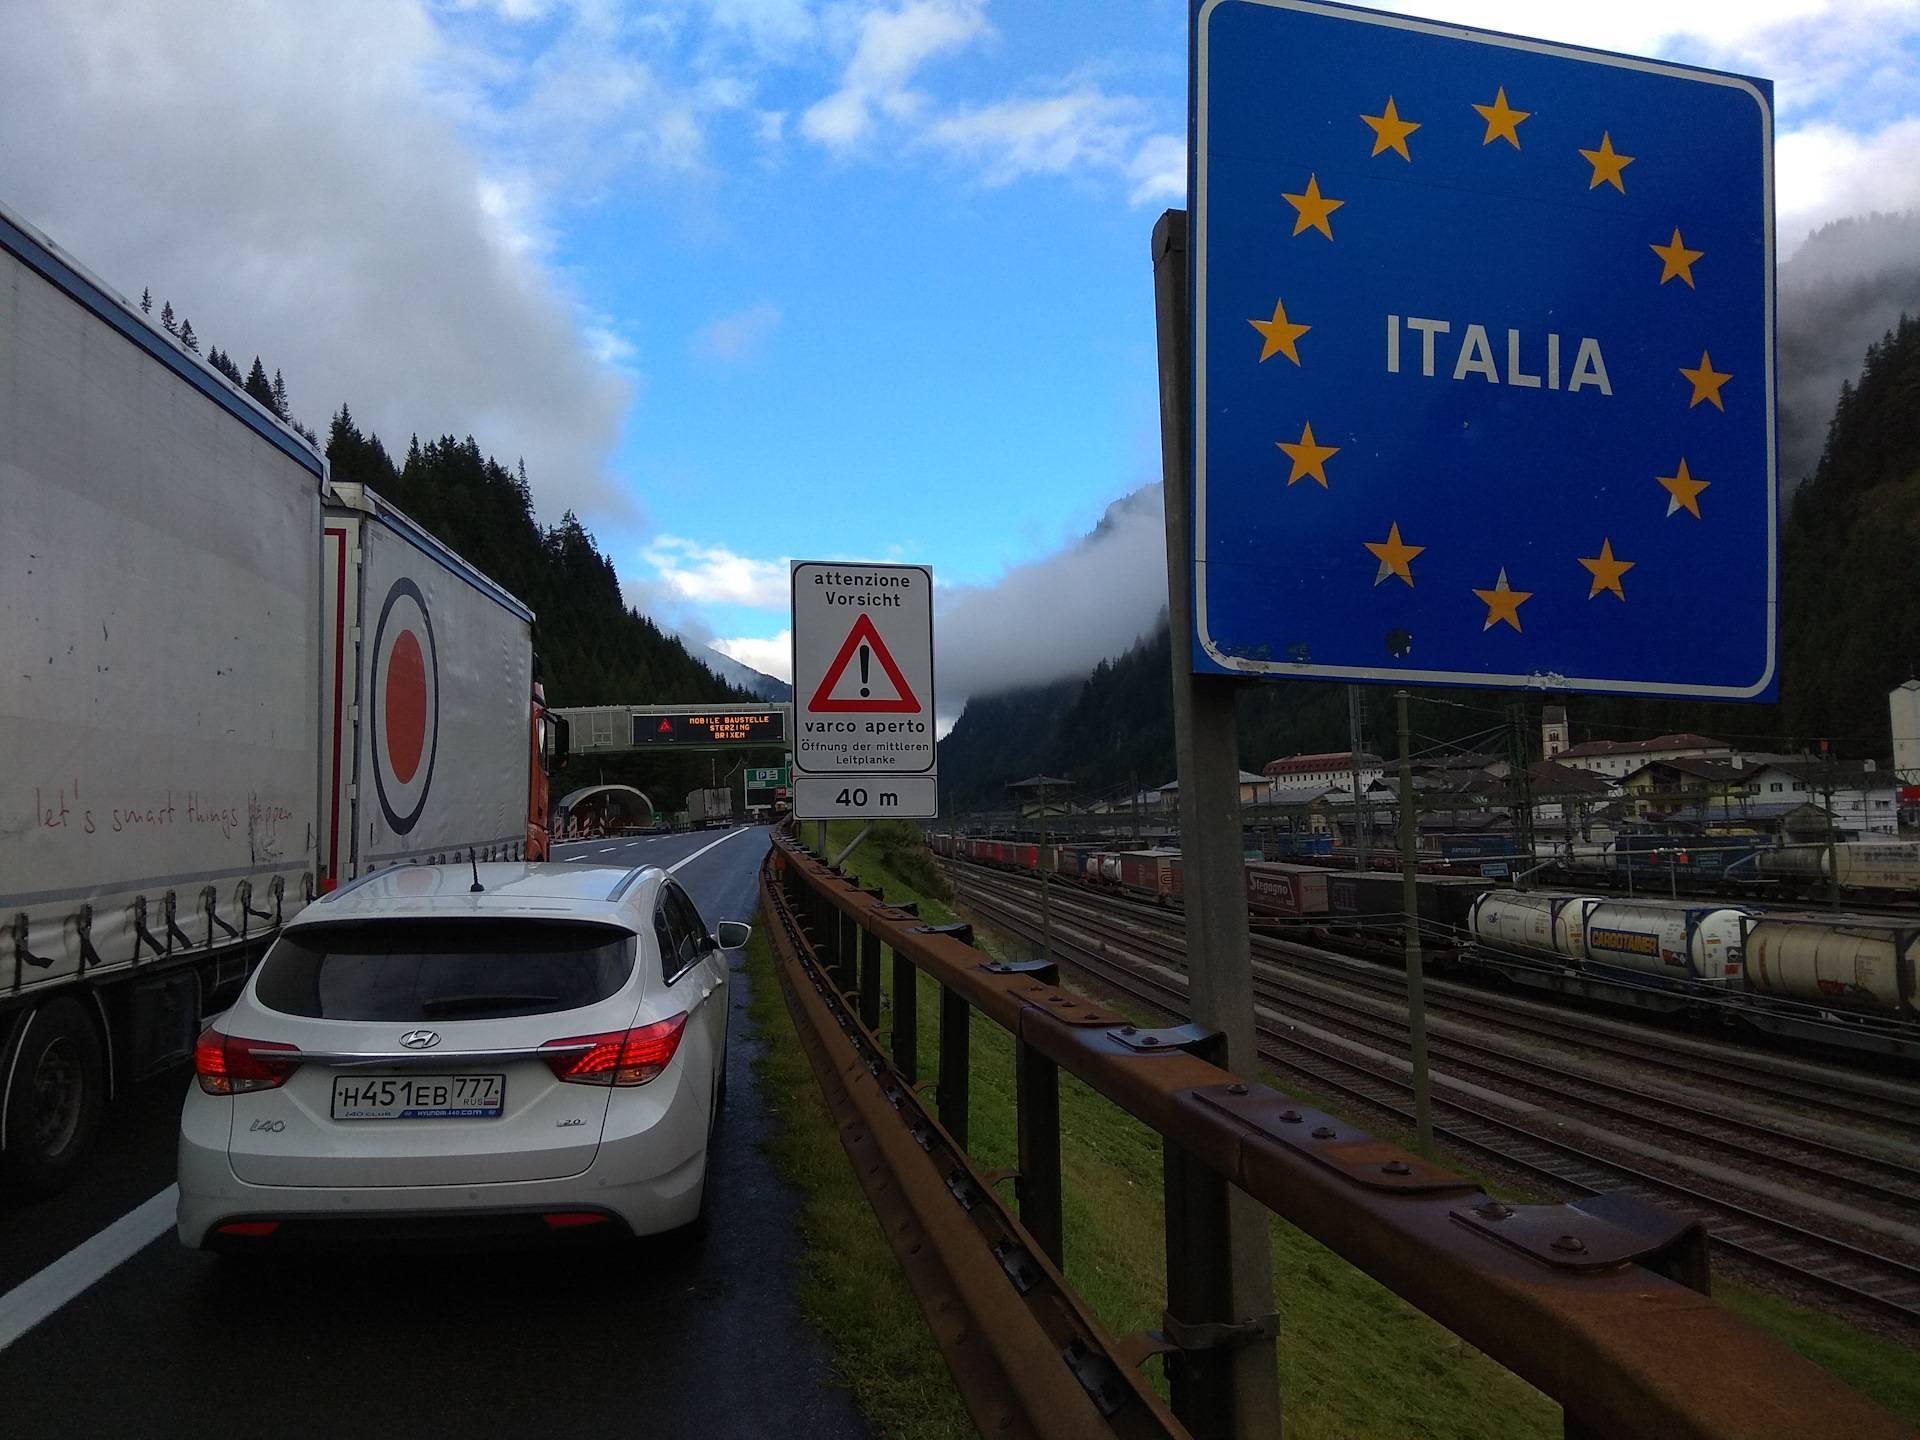 Путешествие по италии на машине: заправки, парковки, наши впечатления